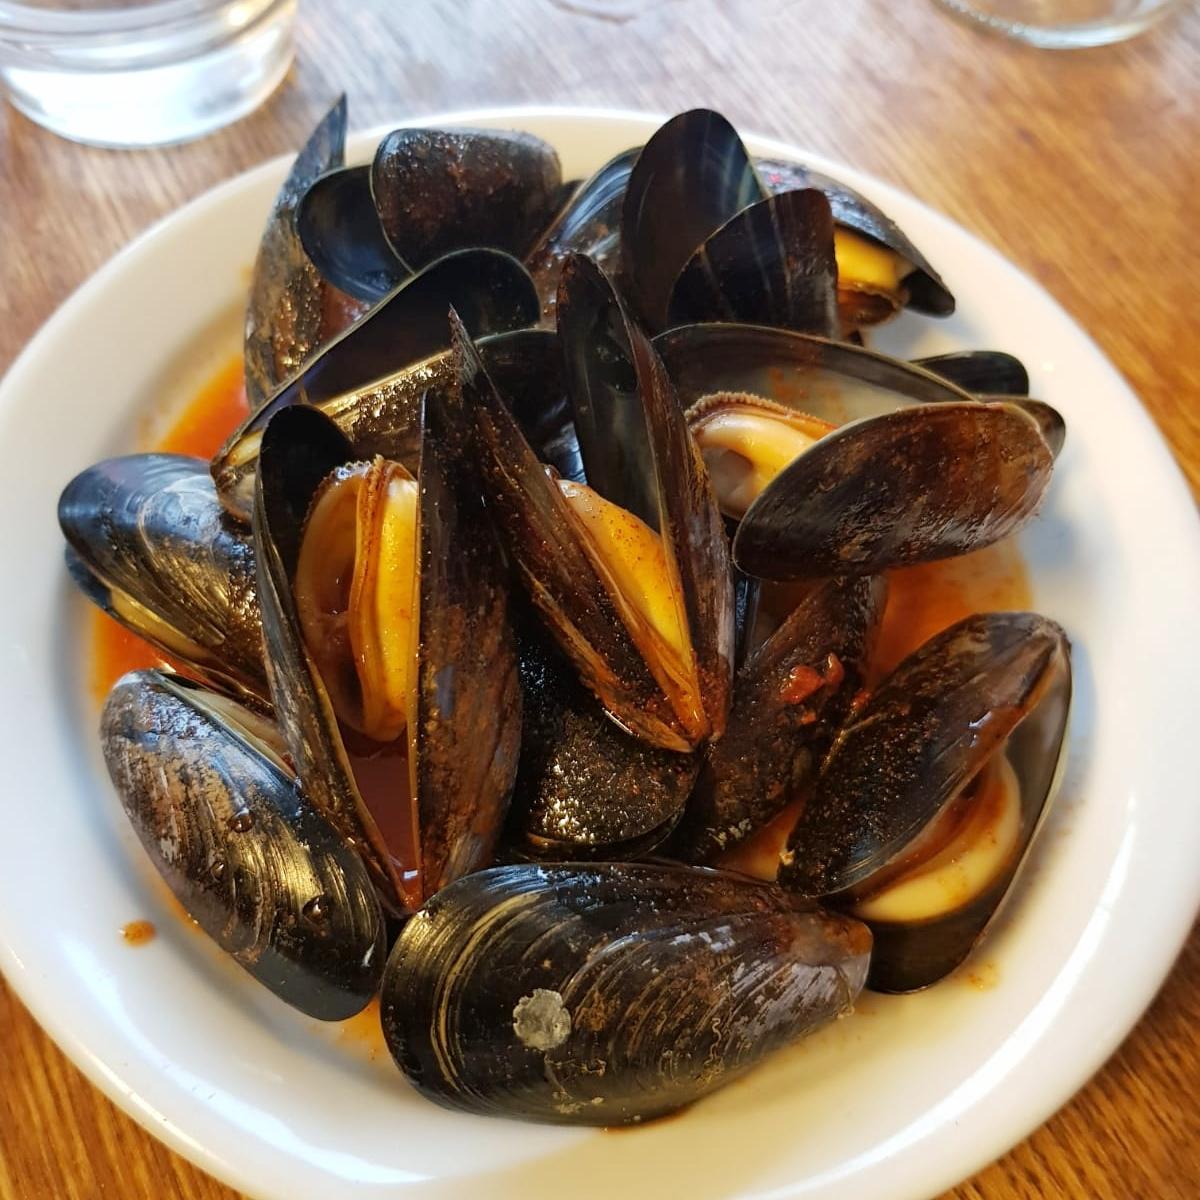 Mussels, smoked paprika and vinaigrette